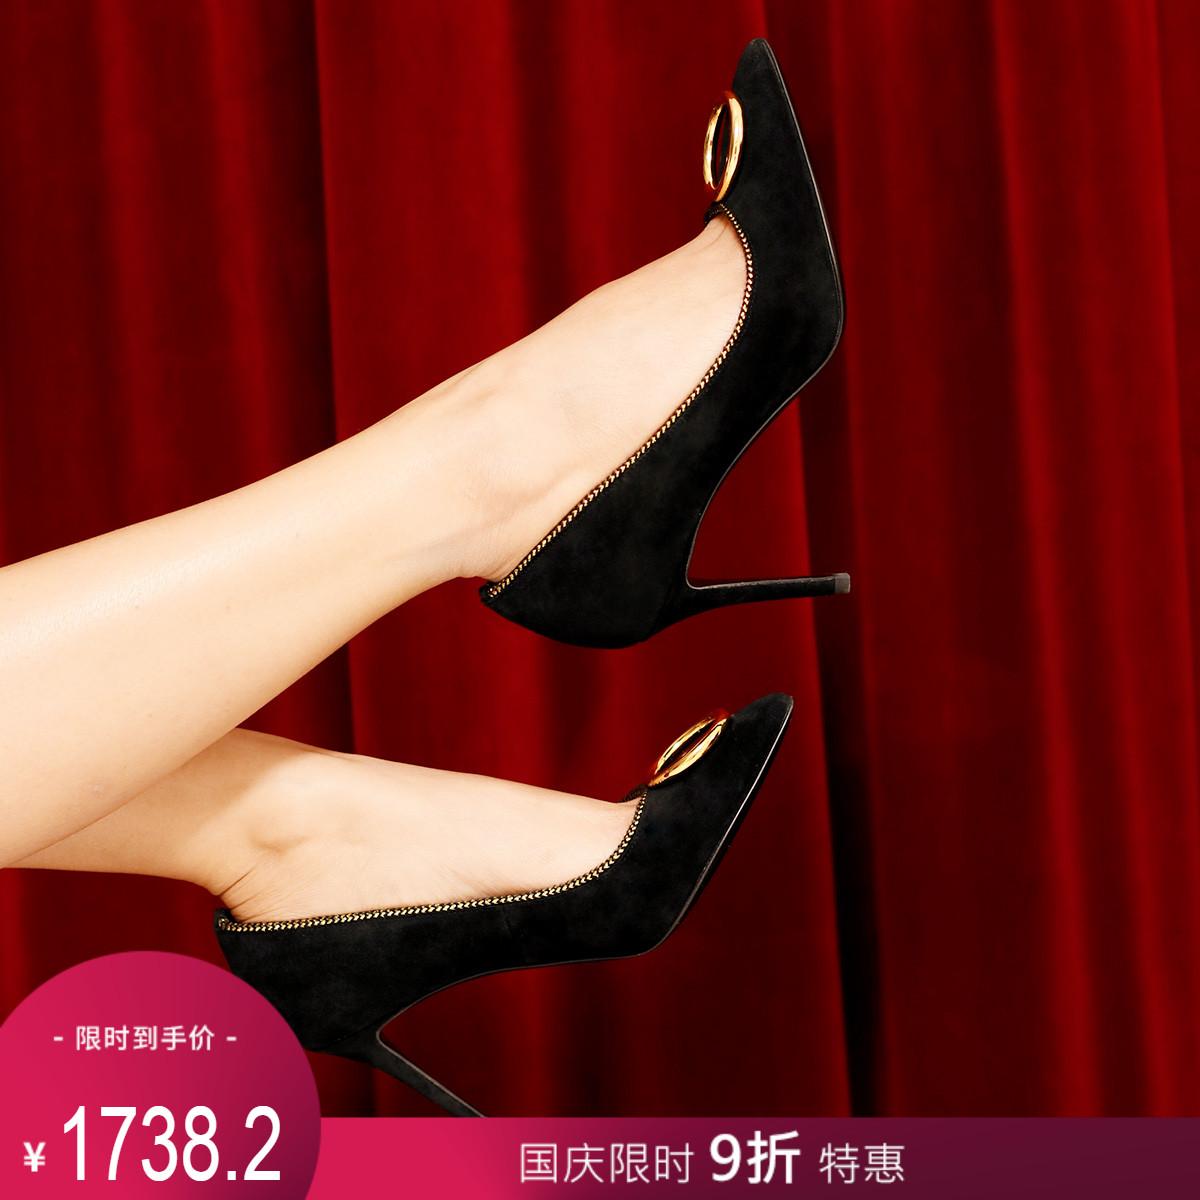 STELLA LUNA夏季2018新款高跟鞋尖头时尚女鞋金属装饰细跟单鞋